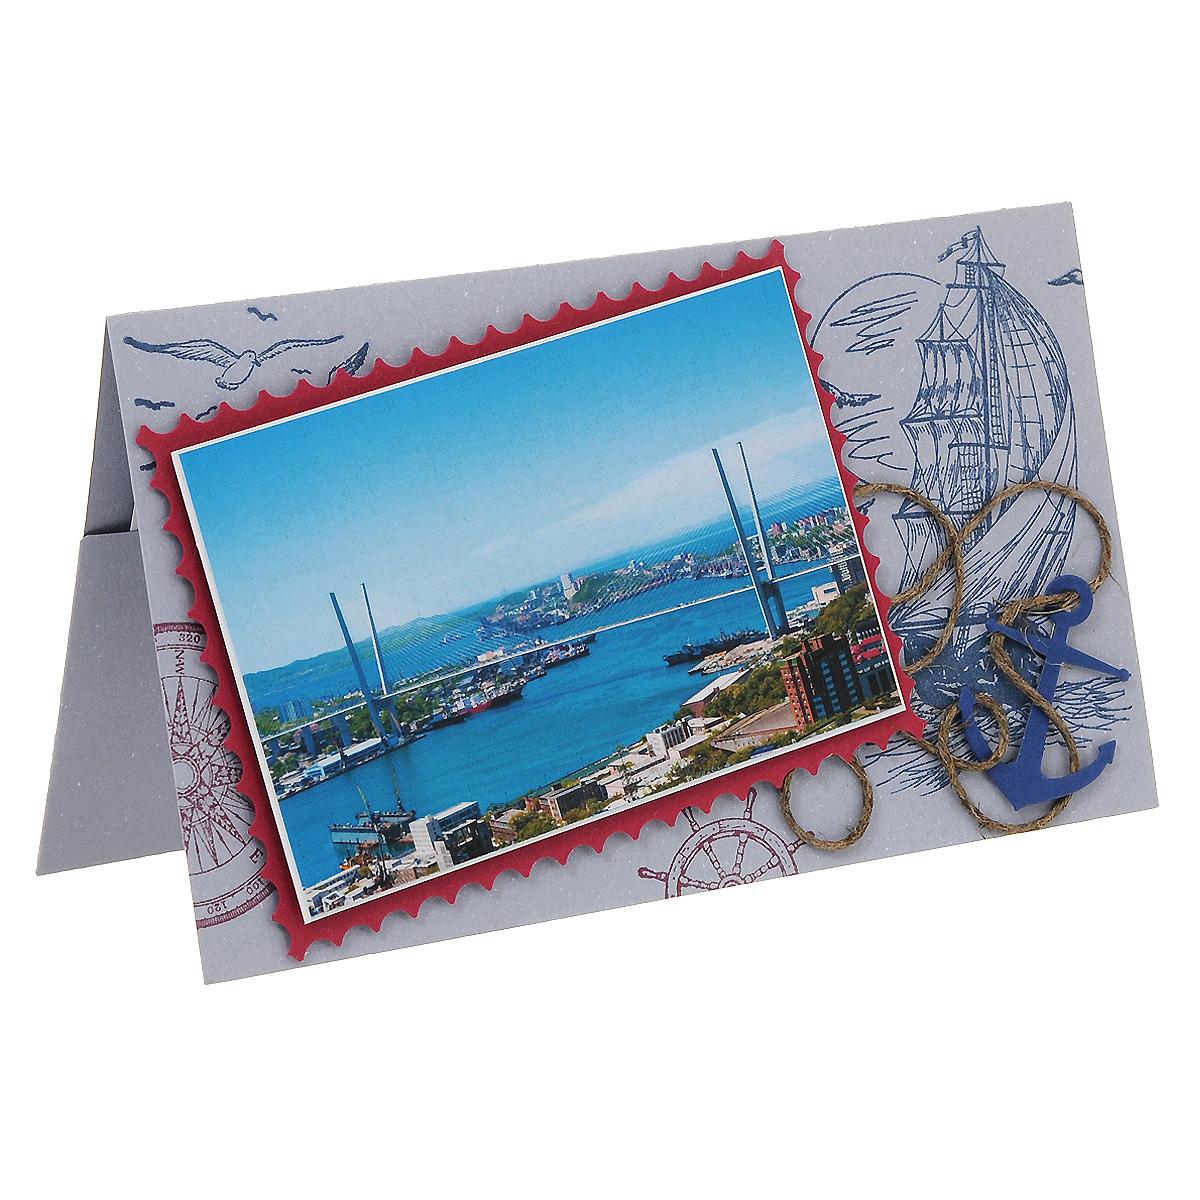 ОРАЗ-0004 Открытка-конверт «С наилучшими пожеланиями!» (Владивосток, мост «Золотой рог»). Студия «Тётя Роза»123434Характеристики: Размер 19 см x 11 см.Материал: Высоко-художественный картон, бумага, декор. Данная открытка может стать как прекрасным дополнением к вашему подарку, так и самостоятельным подарком. Так как открытка является и конвертом в который вы можете вложить ваш денежный подарок или просто написать ваши пожелания на вкладыше. Стильная открытка из чудесного и удивительного по своей неповторимости города на самом краешке земли. В ней – запах морского соленого ветра, и динамичность современной жизни. Отсутствиепринадлежности к какому-либо отдельному событию делают ее универсальным поздравлением, или же просто «Приветом для дорогого человека!». Также открытка упакована в пакетик для сохранности.Обращаем Ваше внимание на то, что открытка может незначительно отличаться от представленной на фото.Открытки ручной работы от студии Тётя Роза отличаются своим неповторимым и ярким стилем. Каждая уникальна и выполнена вручную мастерами студии. (Открытка для мужчин, открытка для женщины, открытка на день рождения, открытка с днем свадьбы, открытка винтаж, открытка с юбилеем, открытка на все случаи, скрапбукинг)